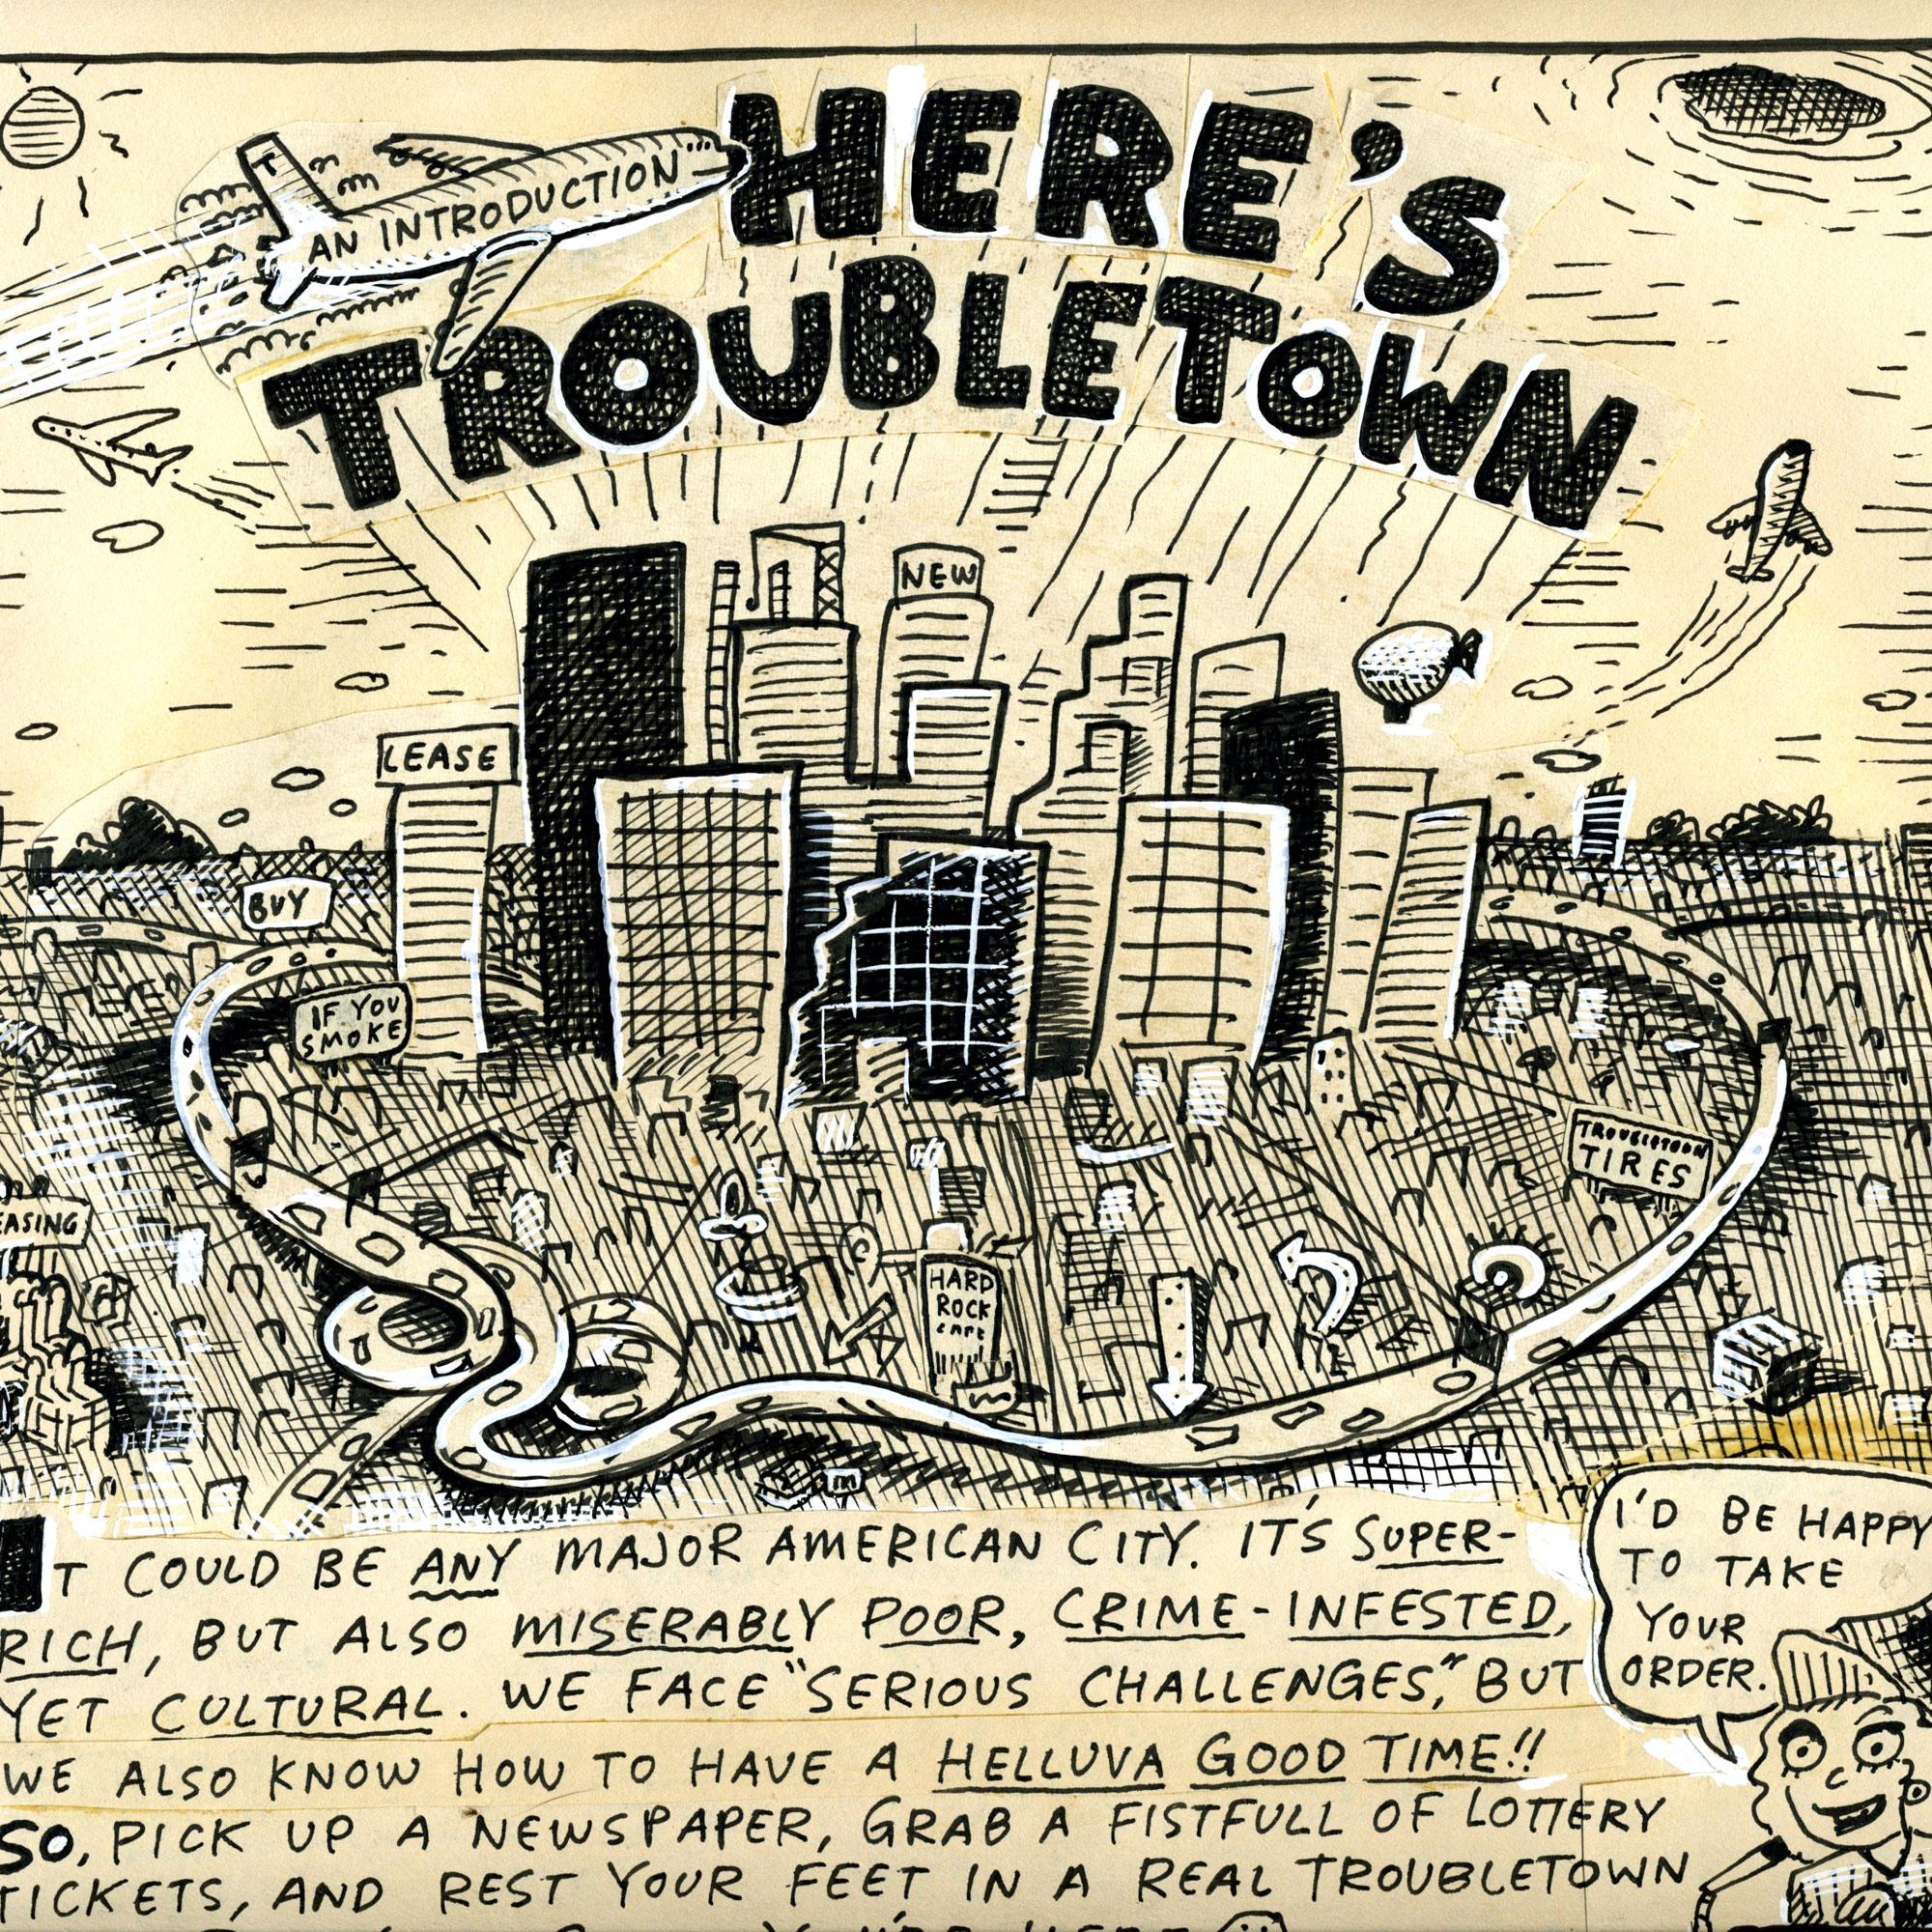 Last Stop: Troubletown - Sep 17, 2011 – Feb 5, 2012